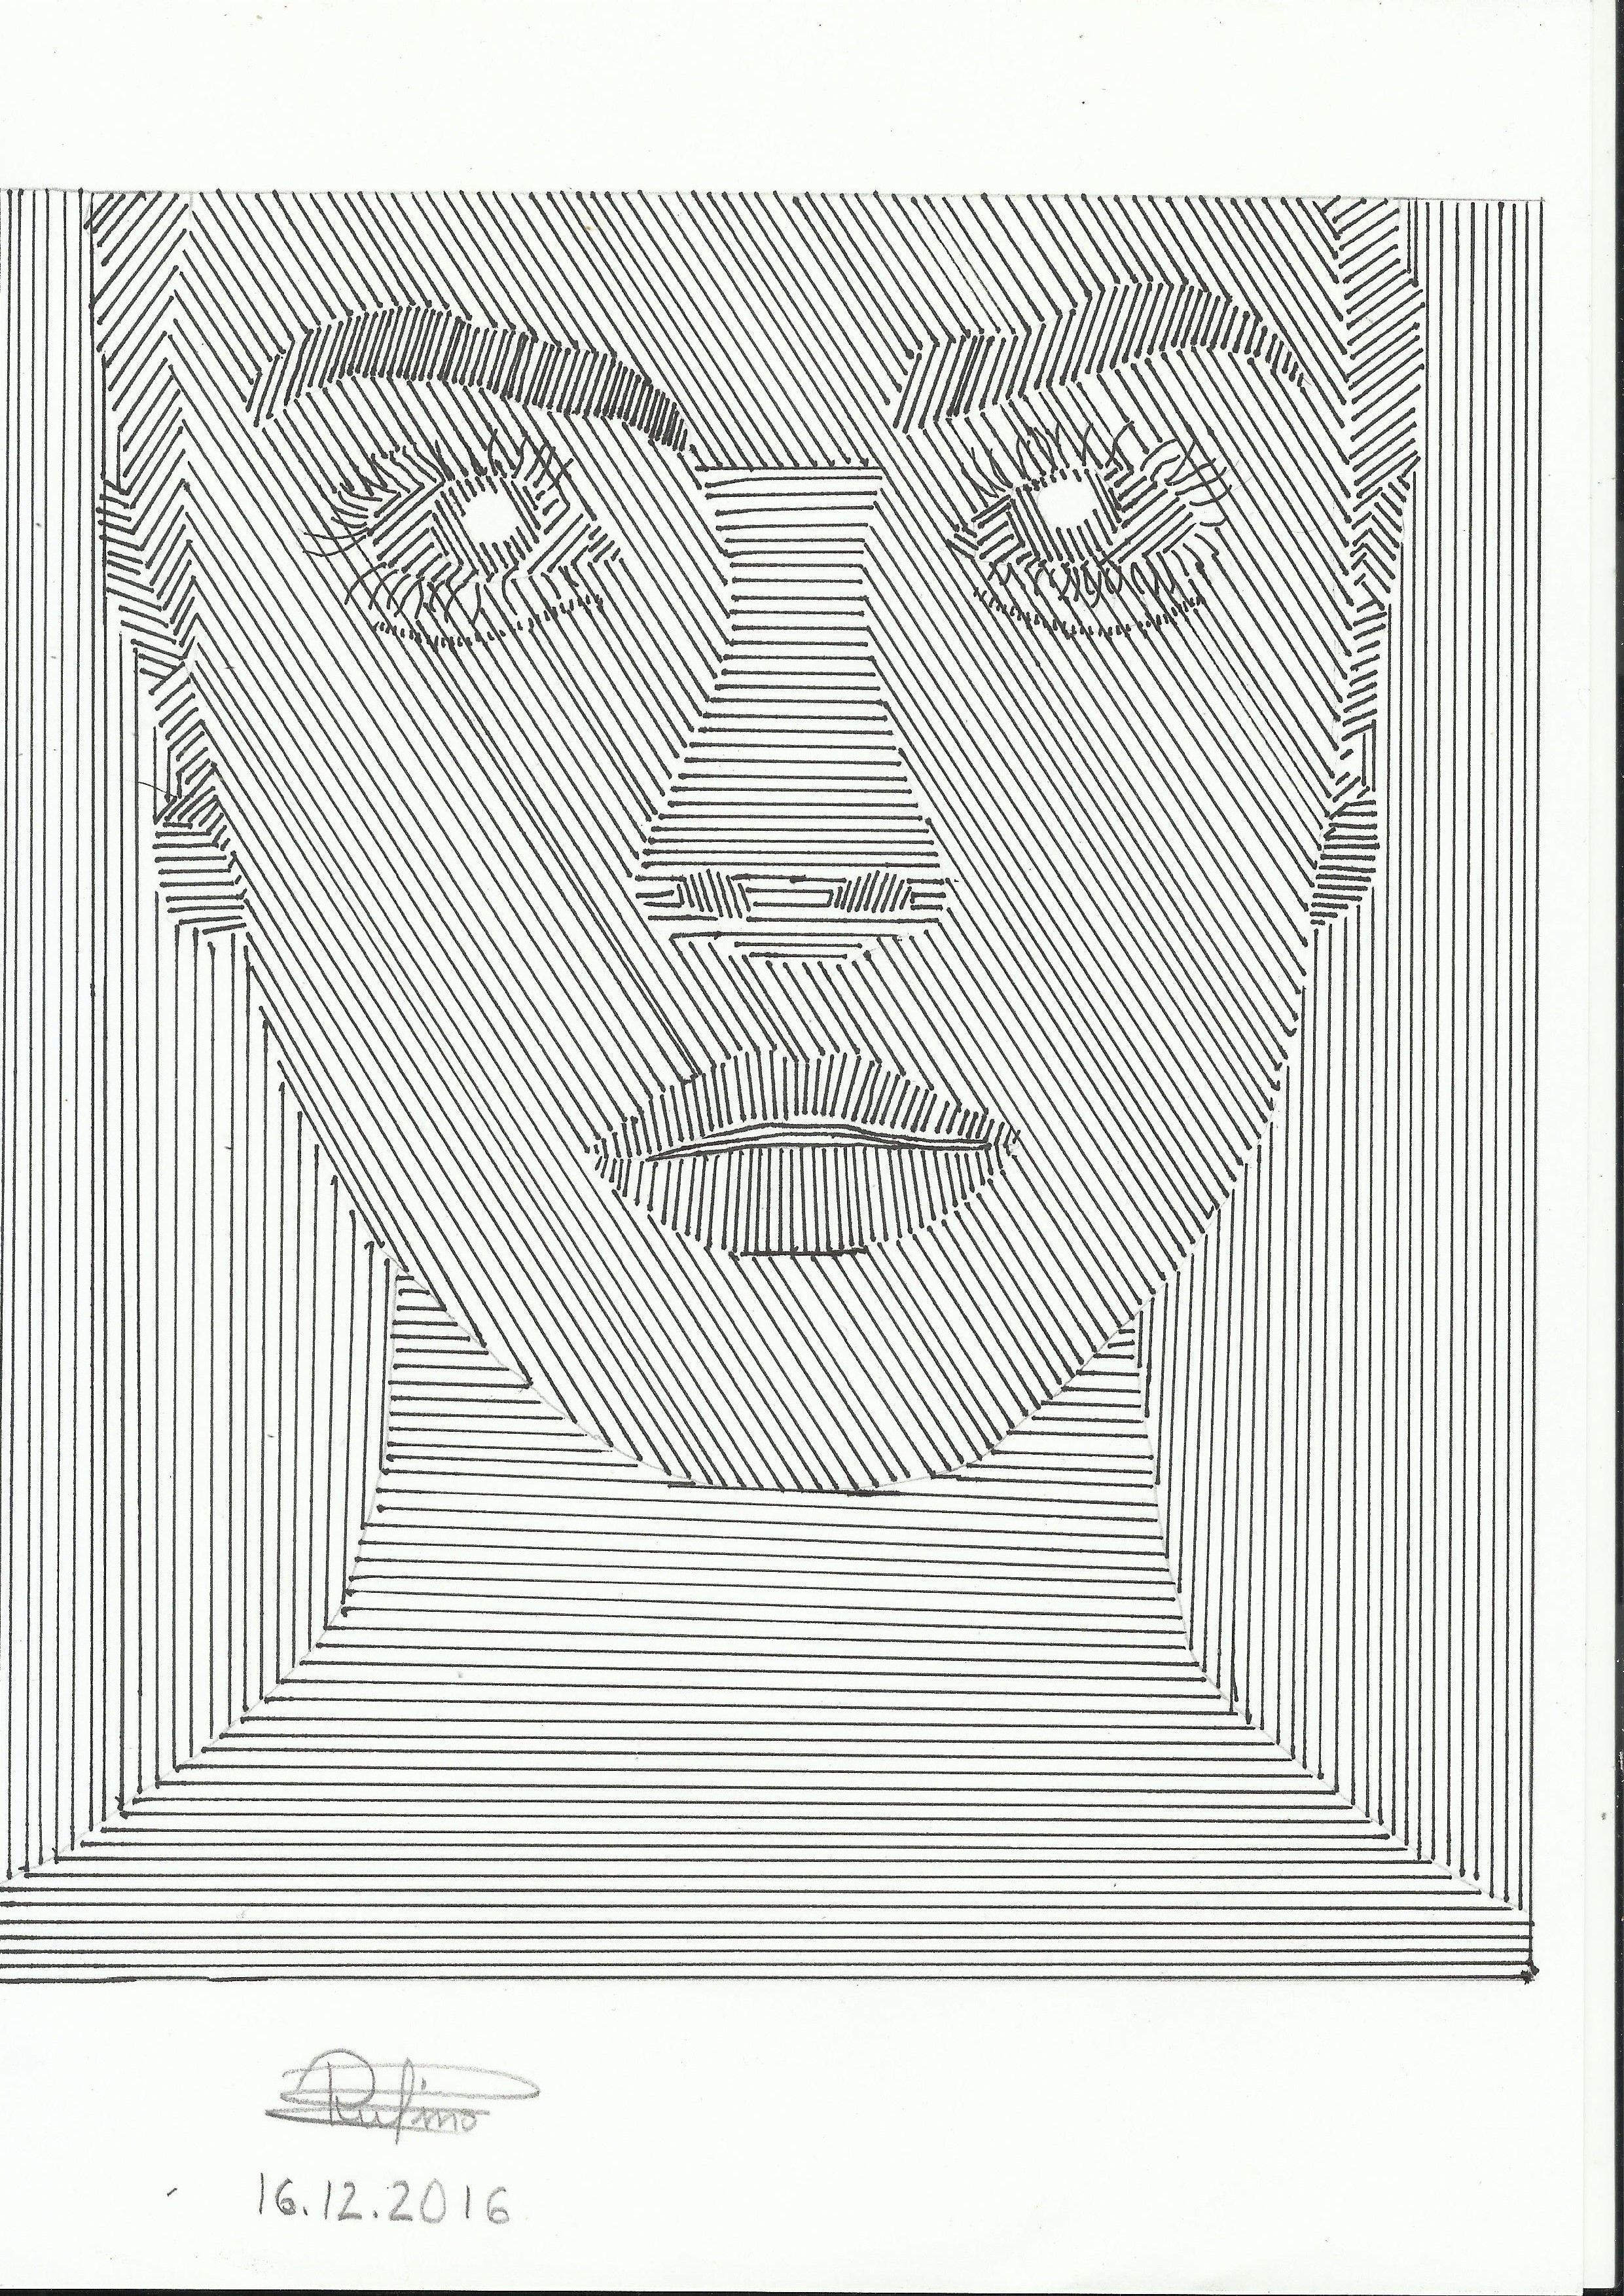 Ejercicio 2 Dibujo De Trama Lineal Realizado Con Regla Y Rotulador De 0 5 Dibujo Basado En El Modelo De Una Revista Mediante Tr Pintura Y Dibujo Dibujos Arte